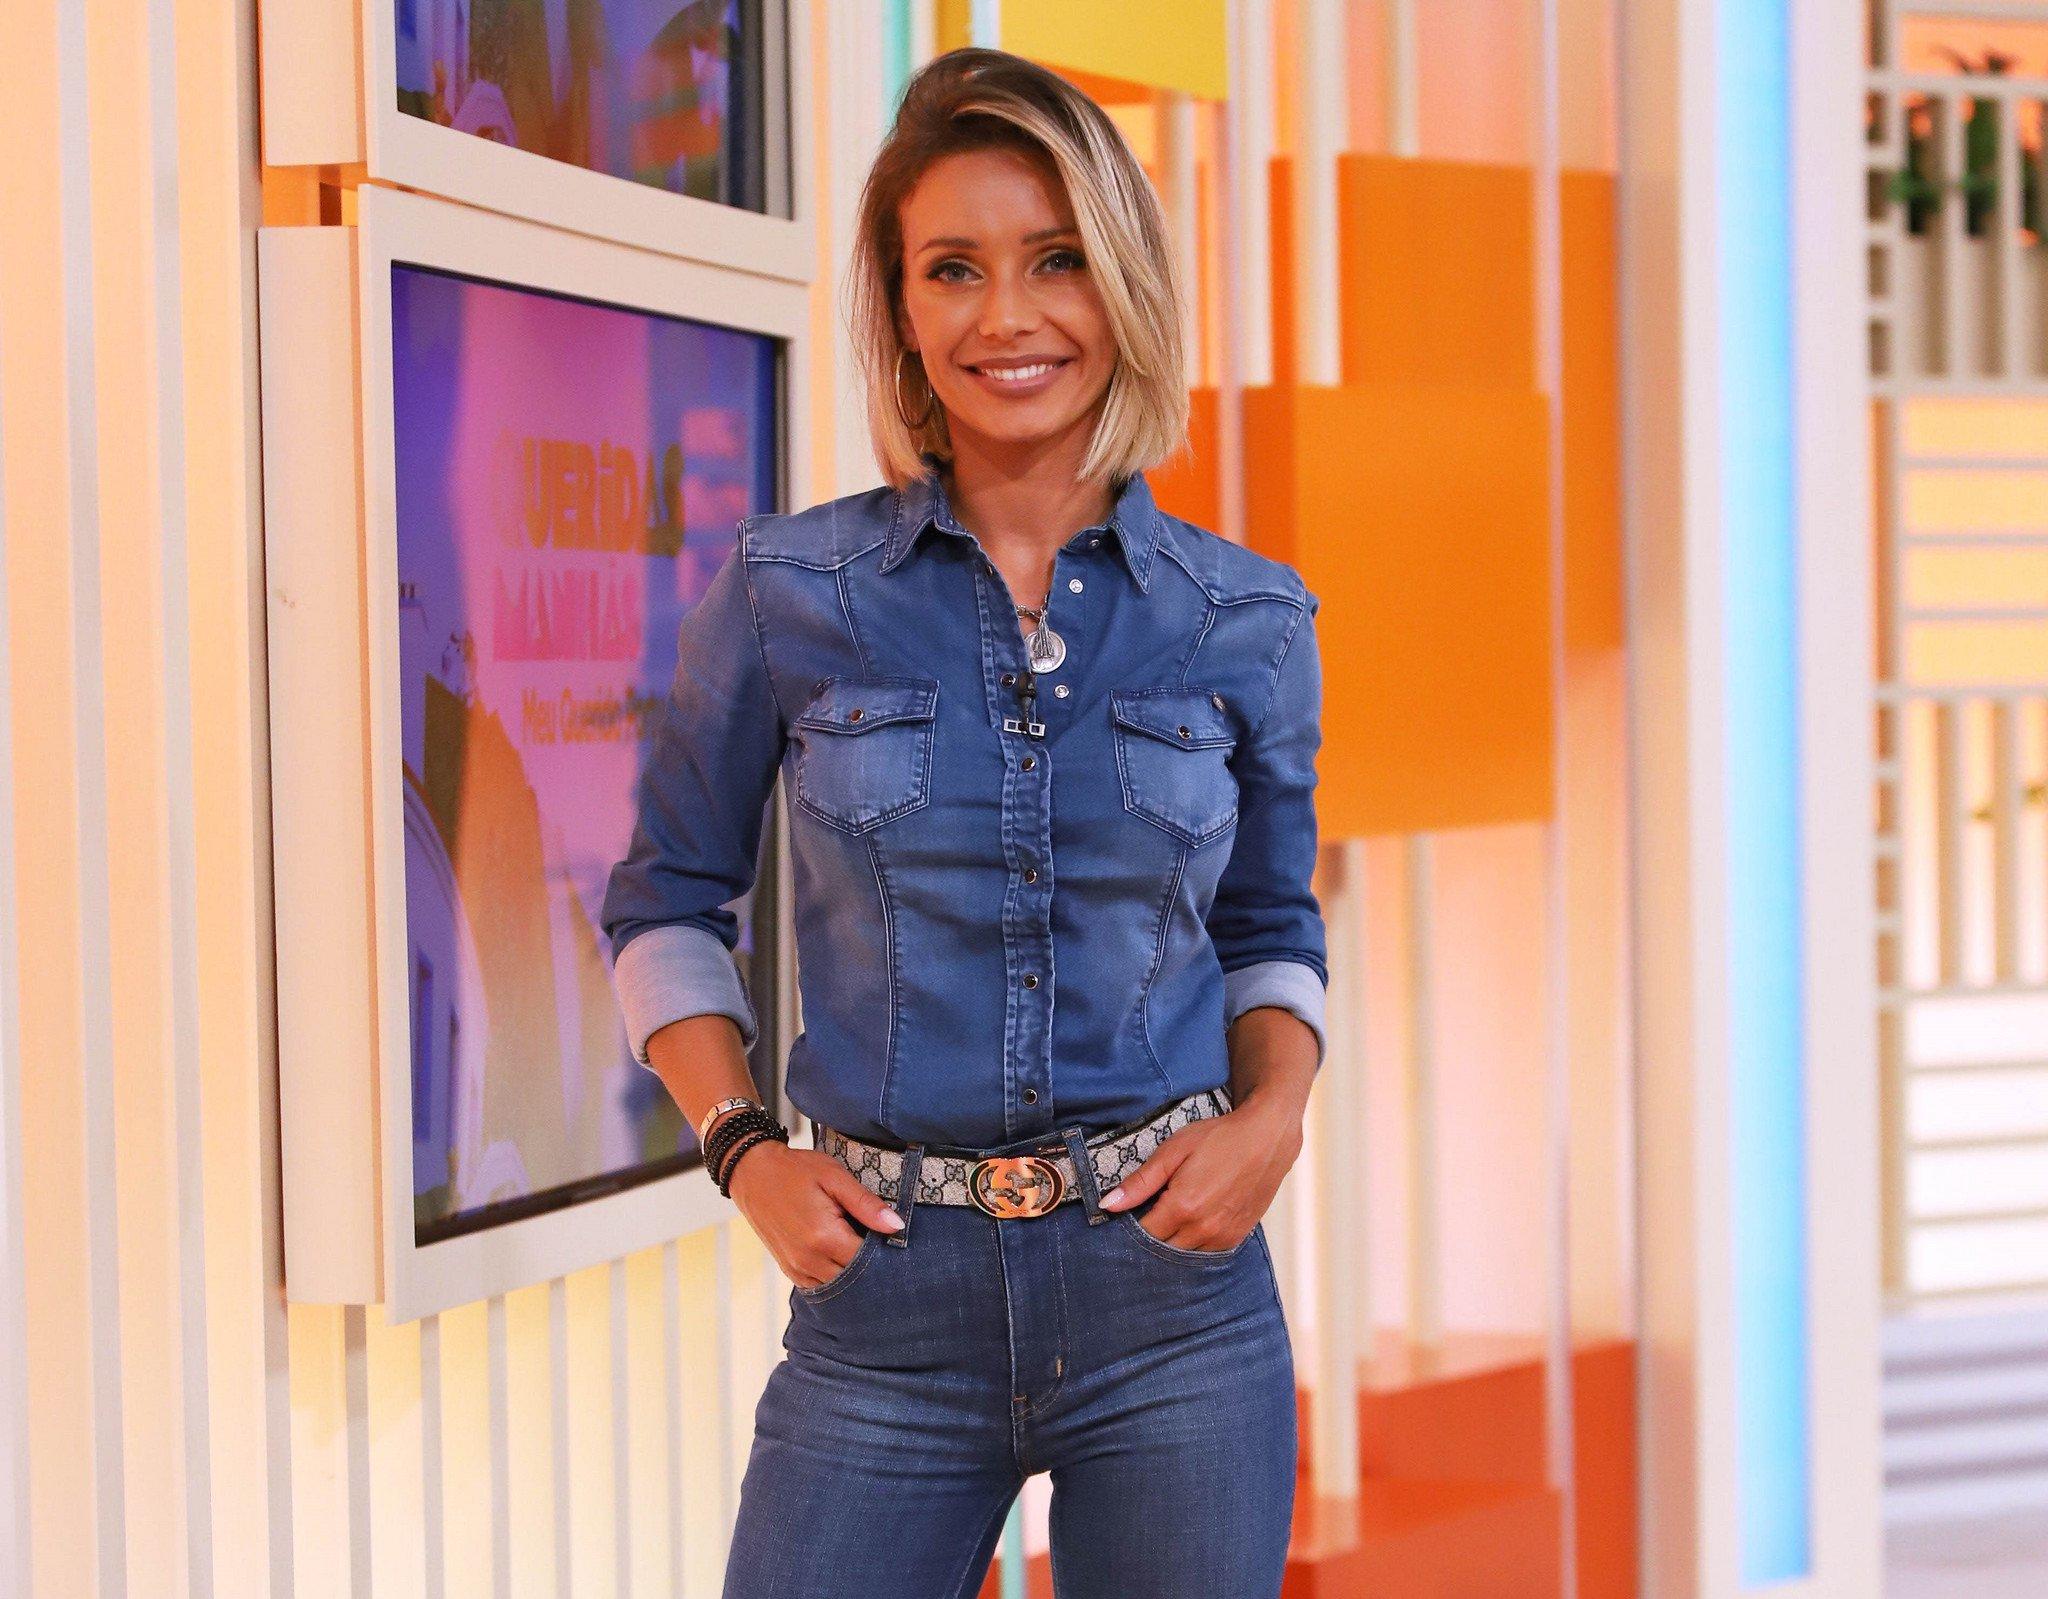 Luciana%20Abreu.JPG